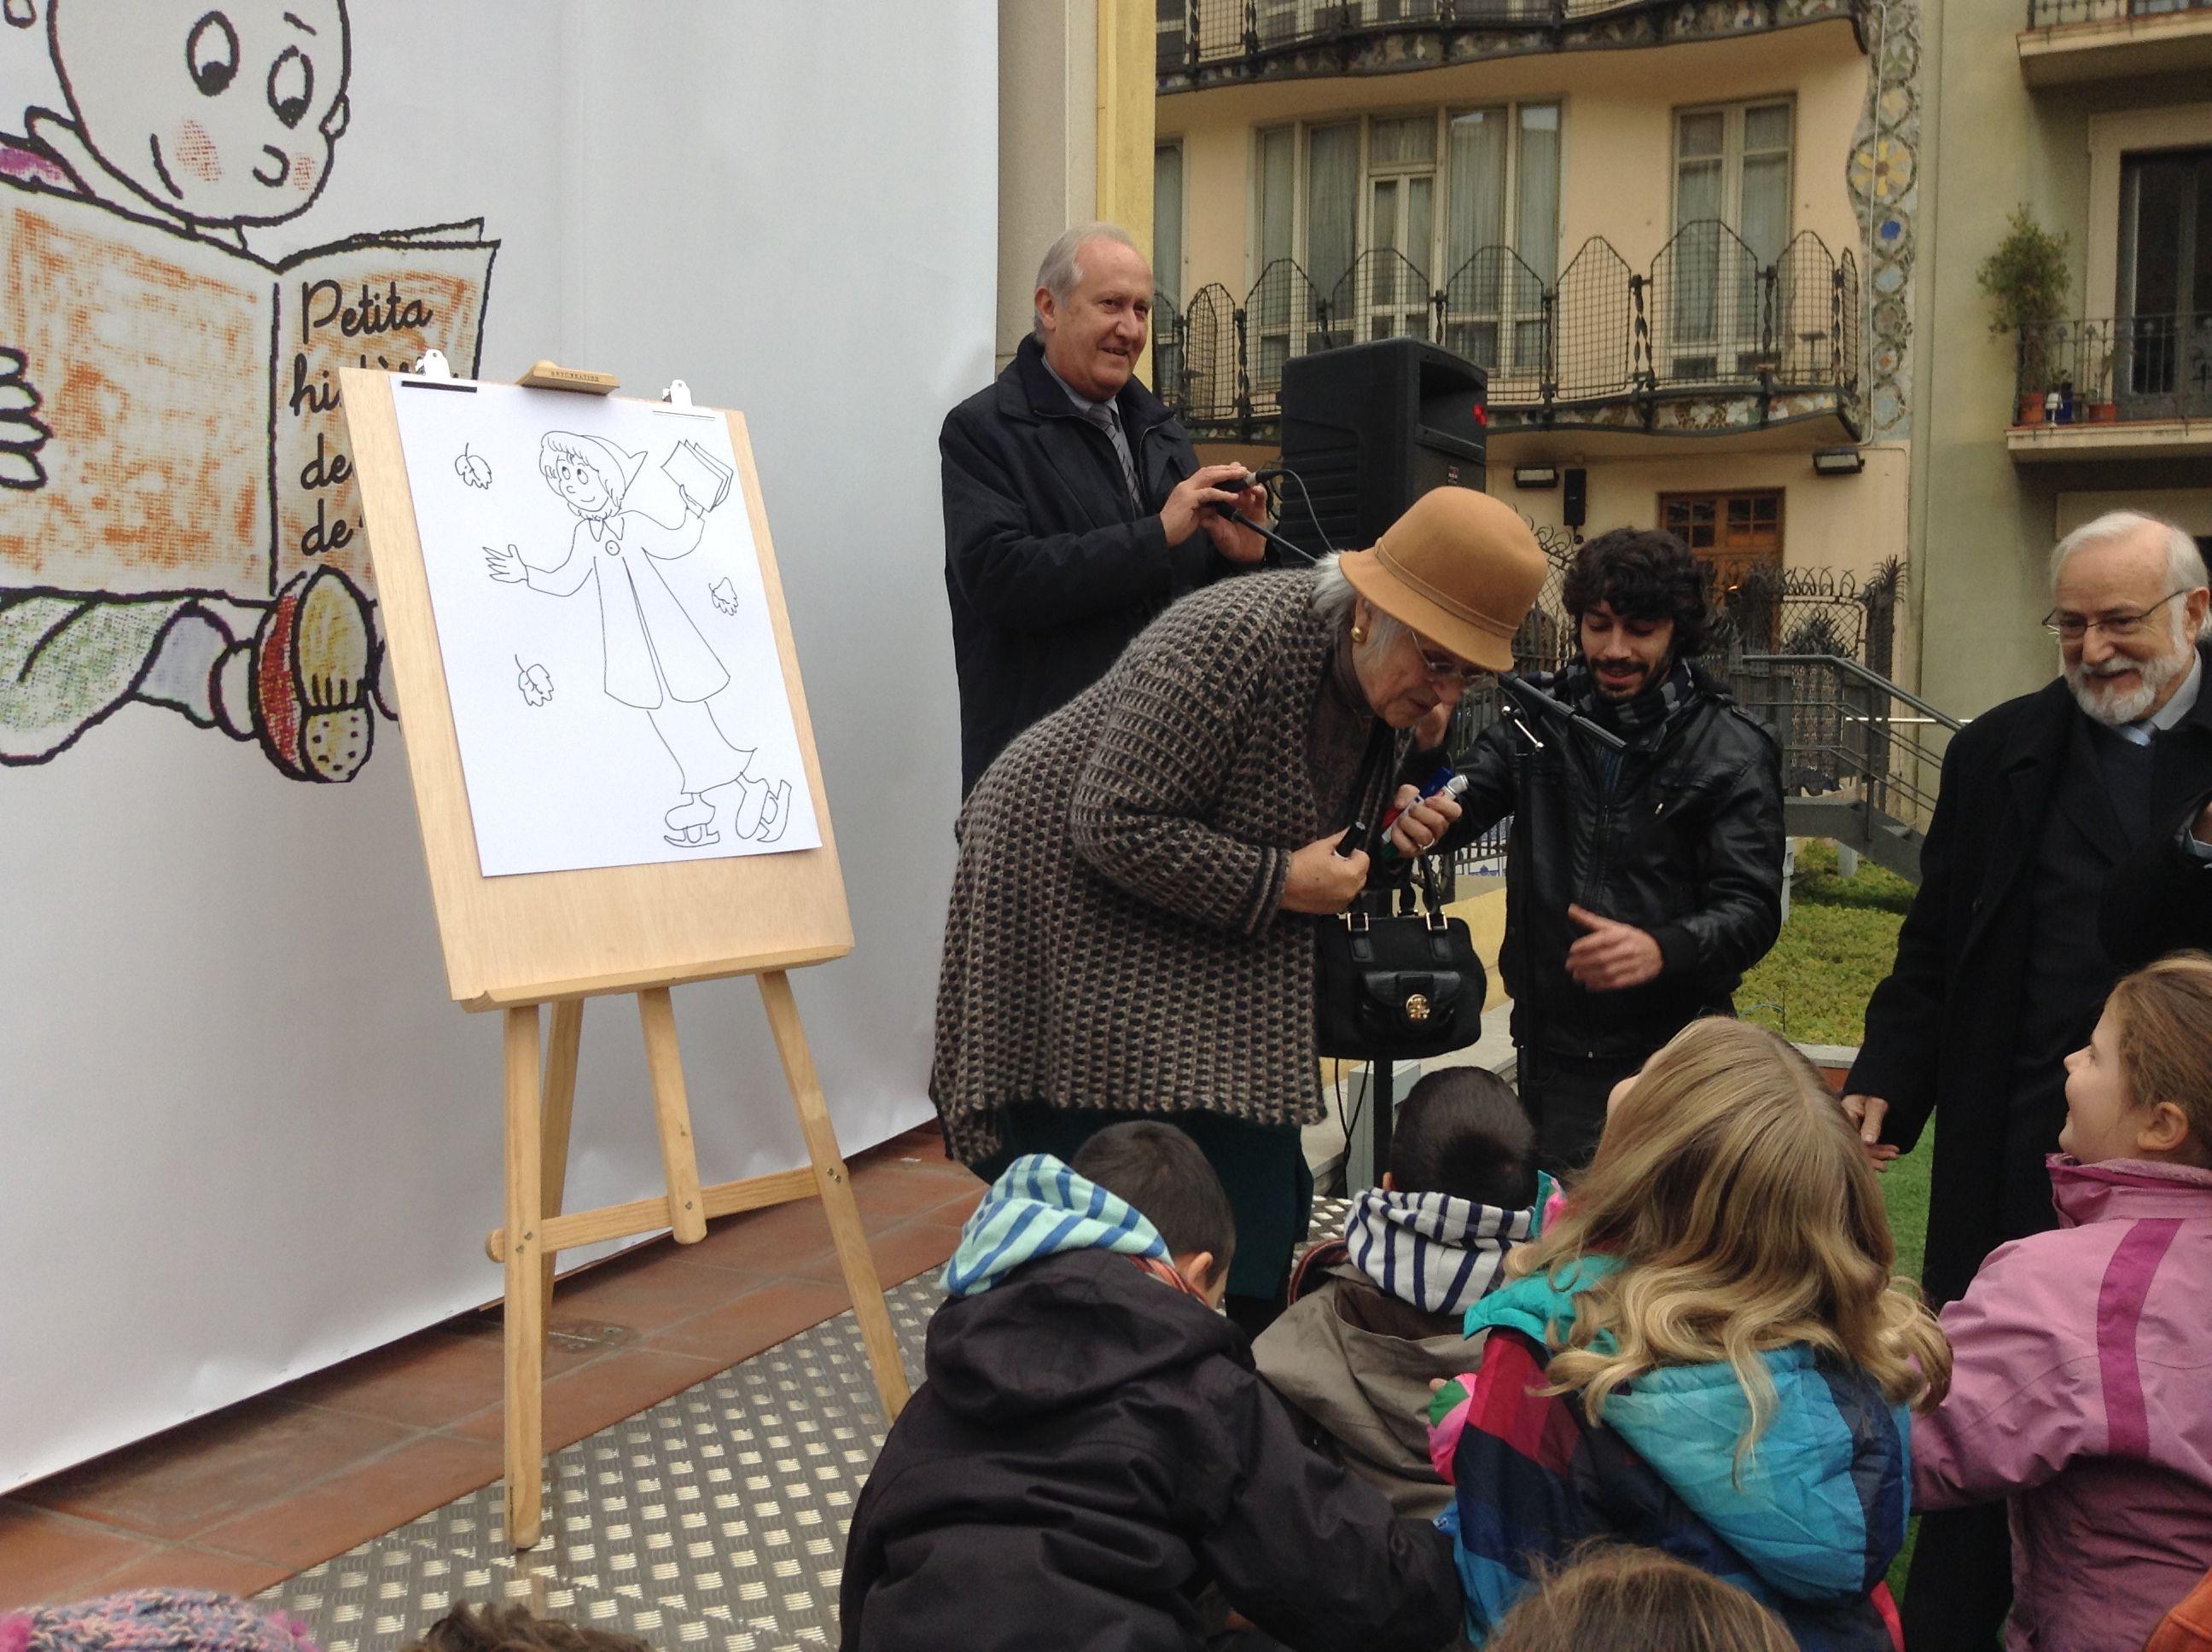 Pilarín Bayés parla amb els lectors més joves després de fer un dibuix.